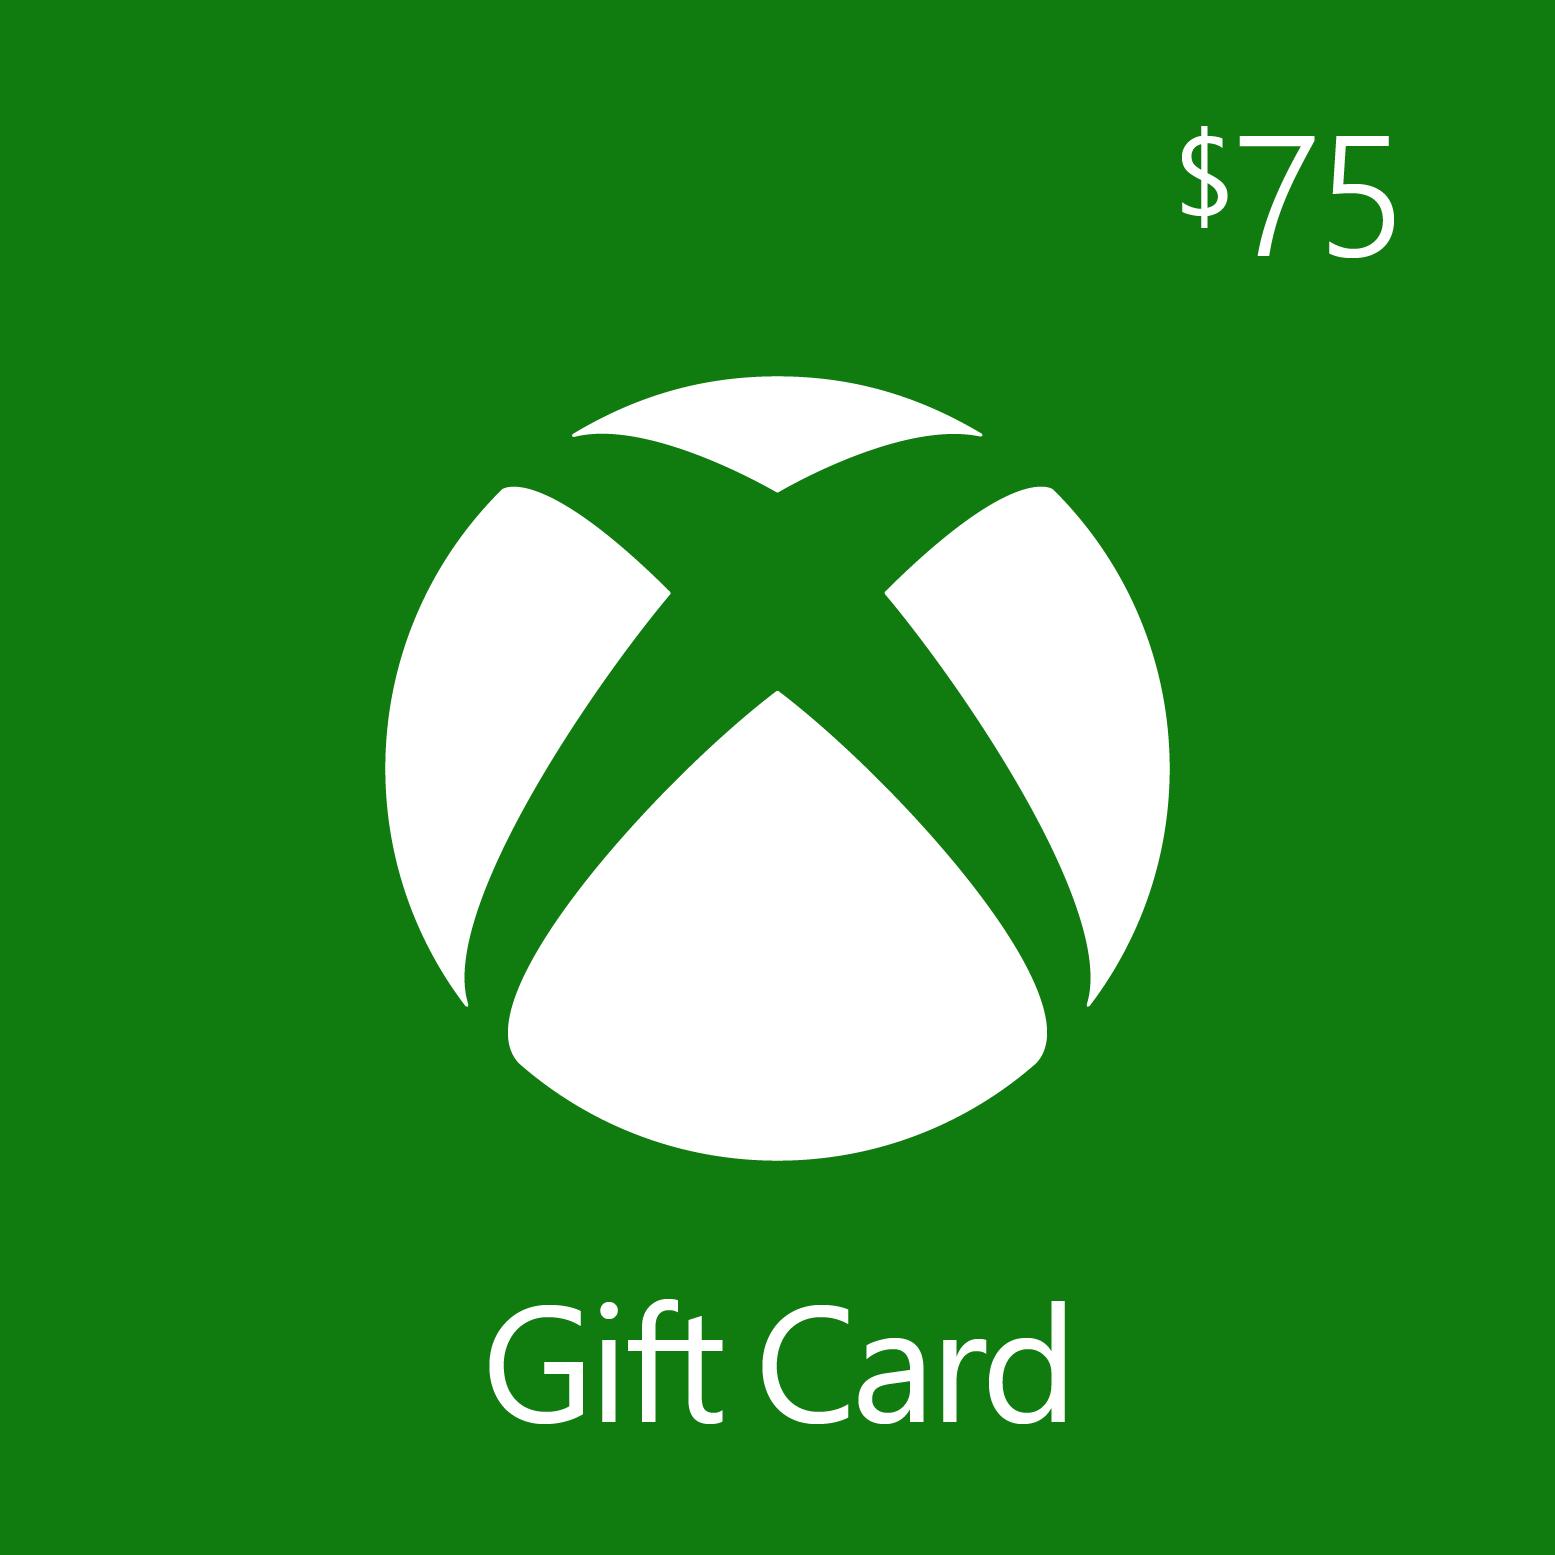 $75.00 Xbox Digital Gift Card